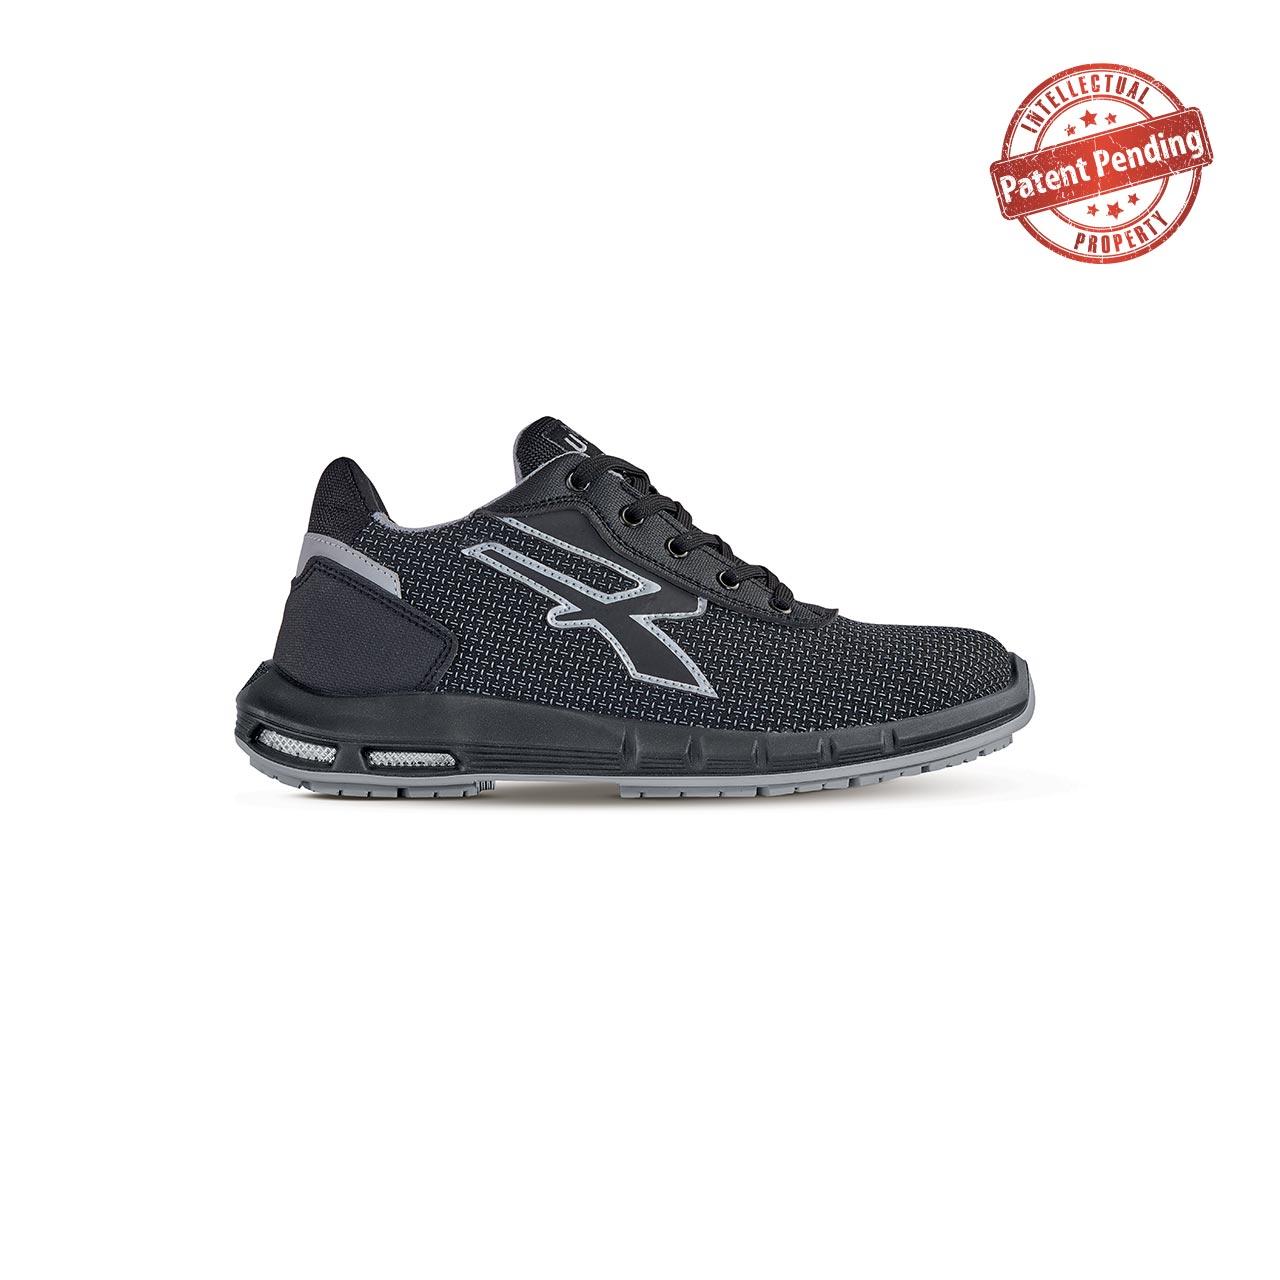 scarpa antinfortunistica upower modello scudo plus linea redup plus vista laterale